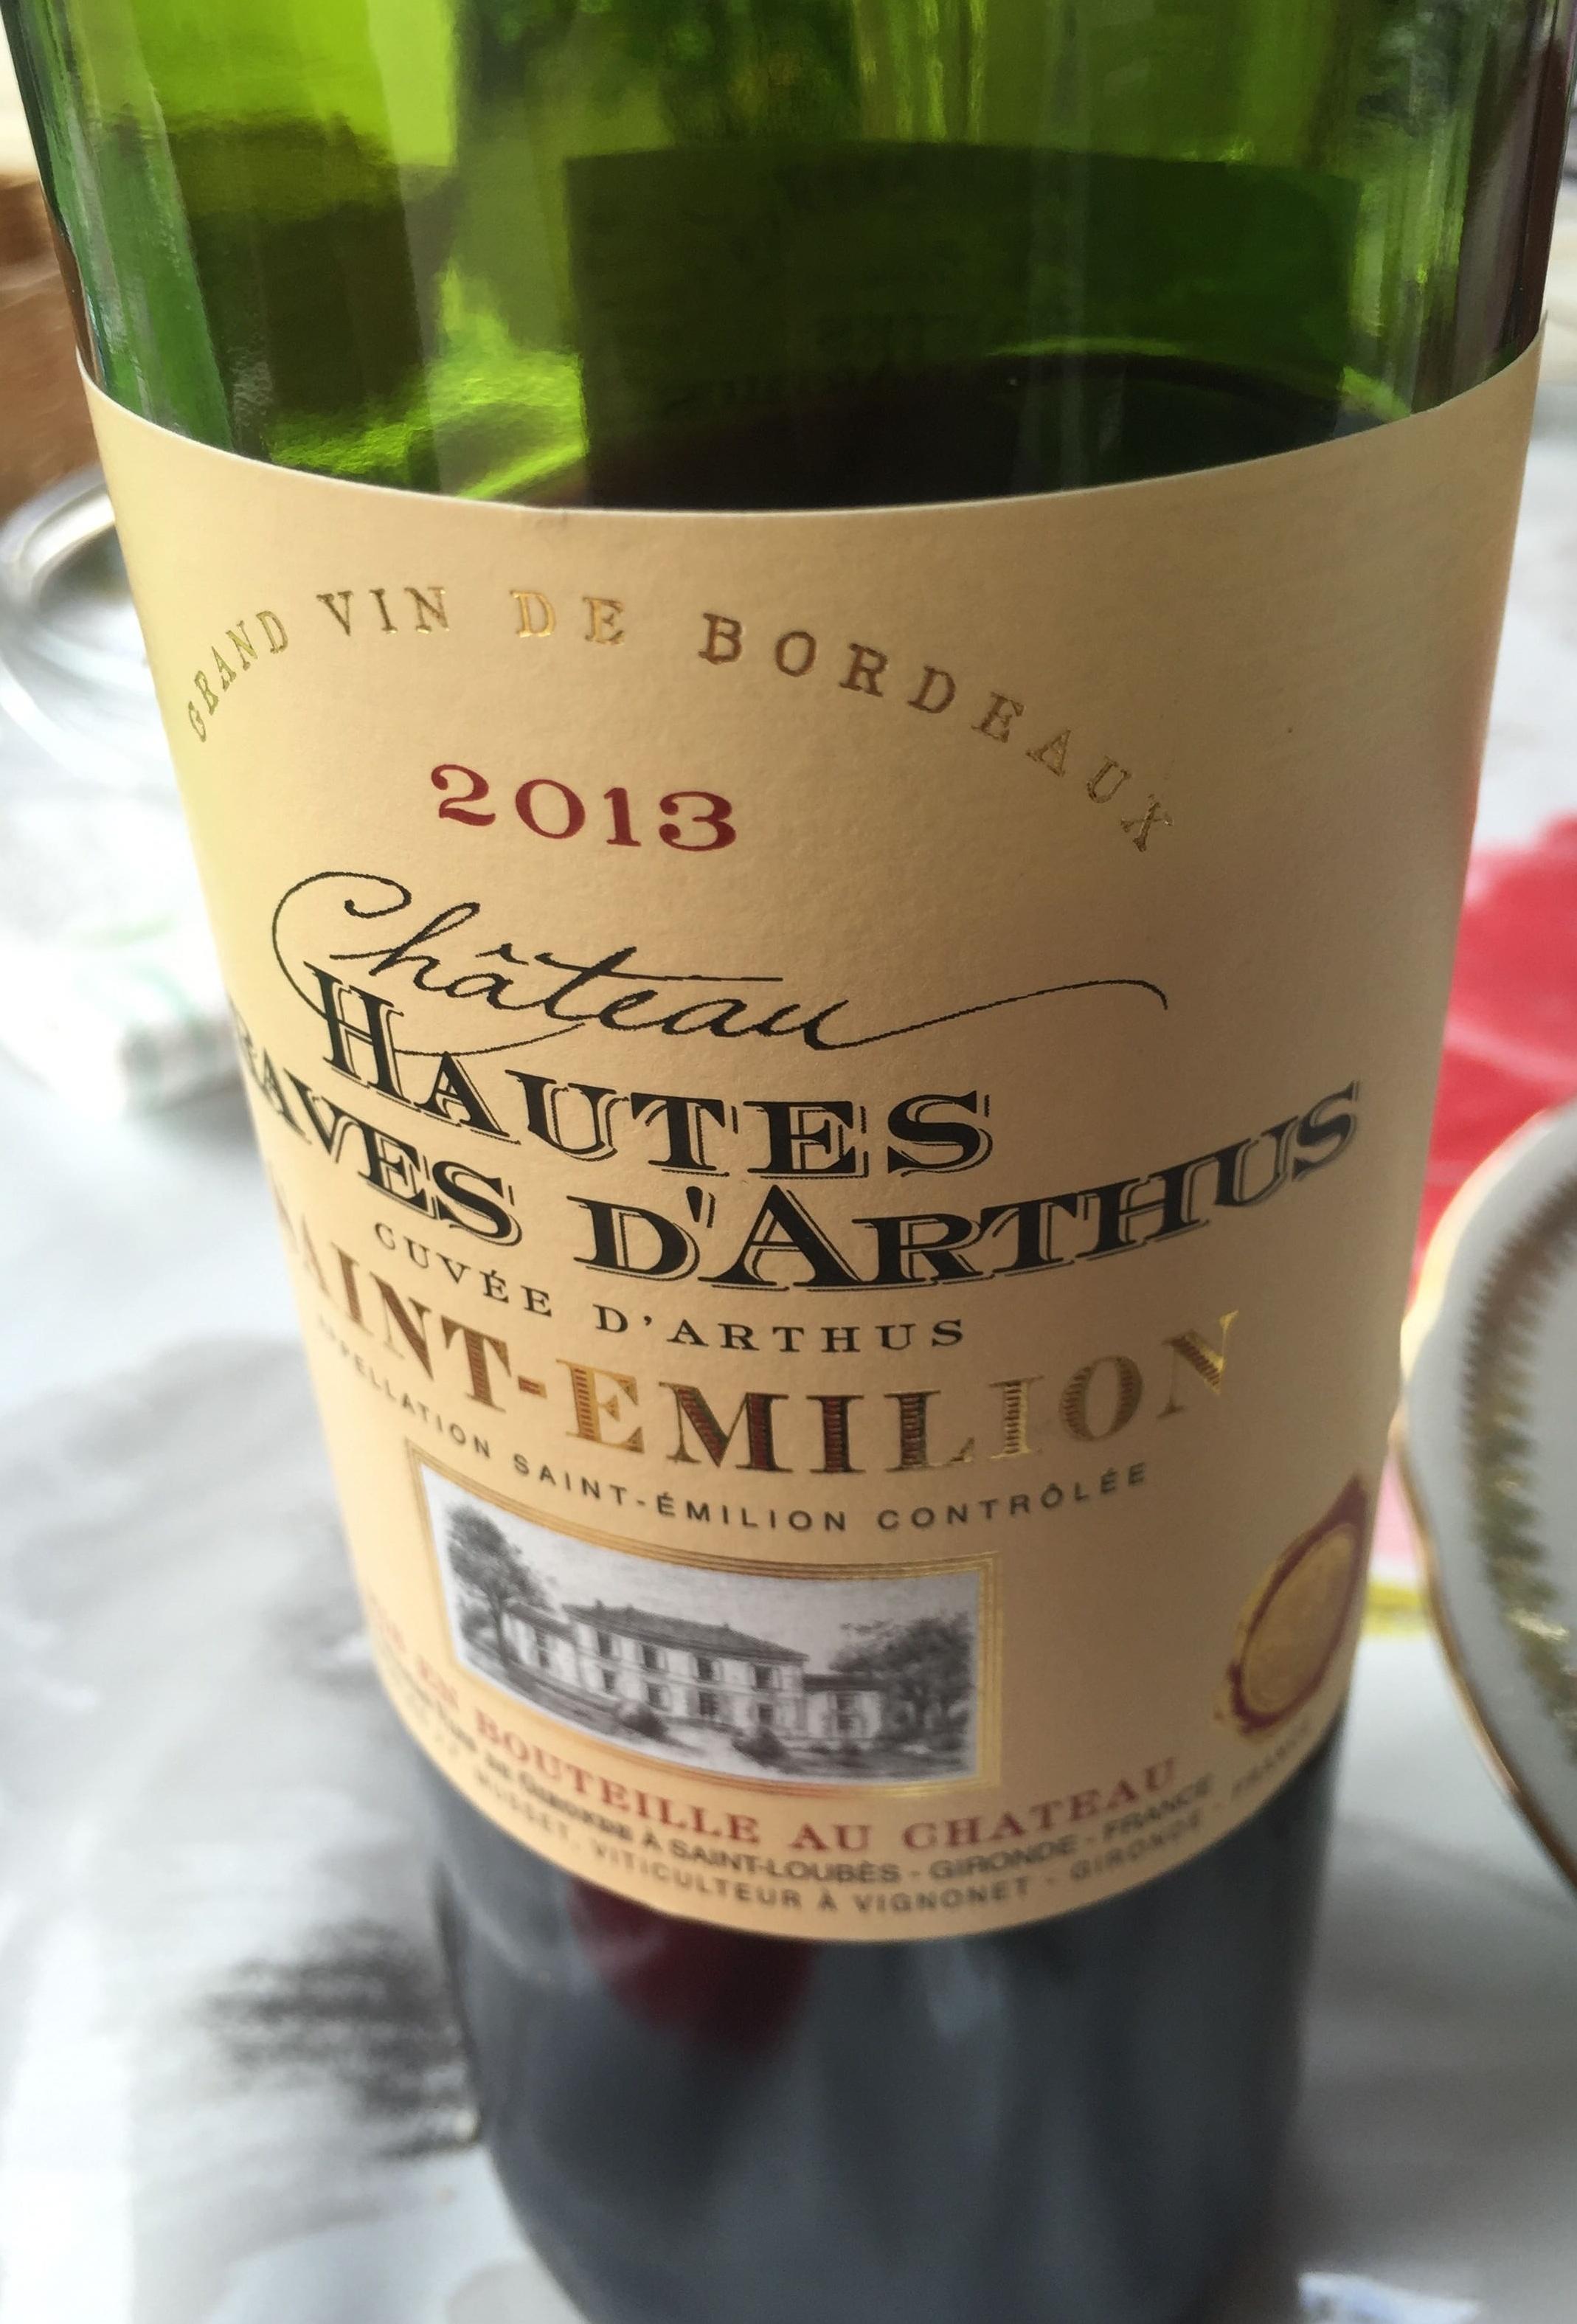 Cuvée d'Arthus 2013 - Product